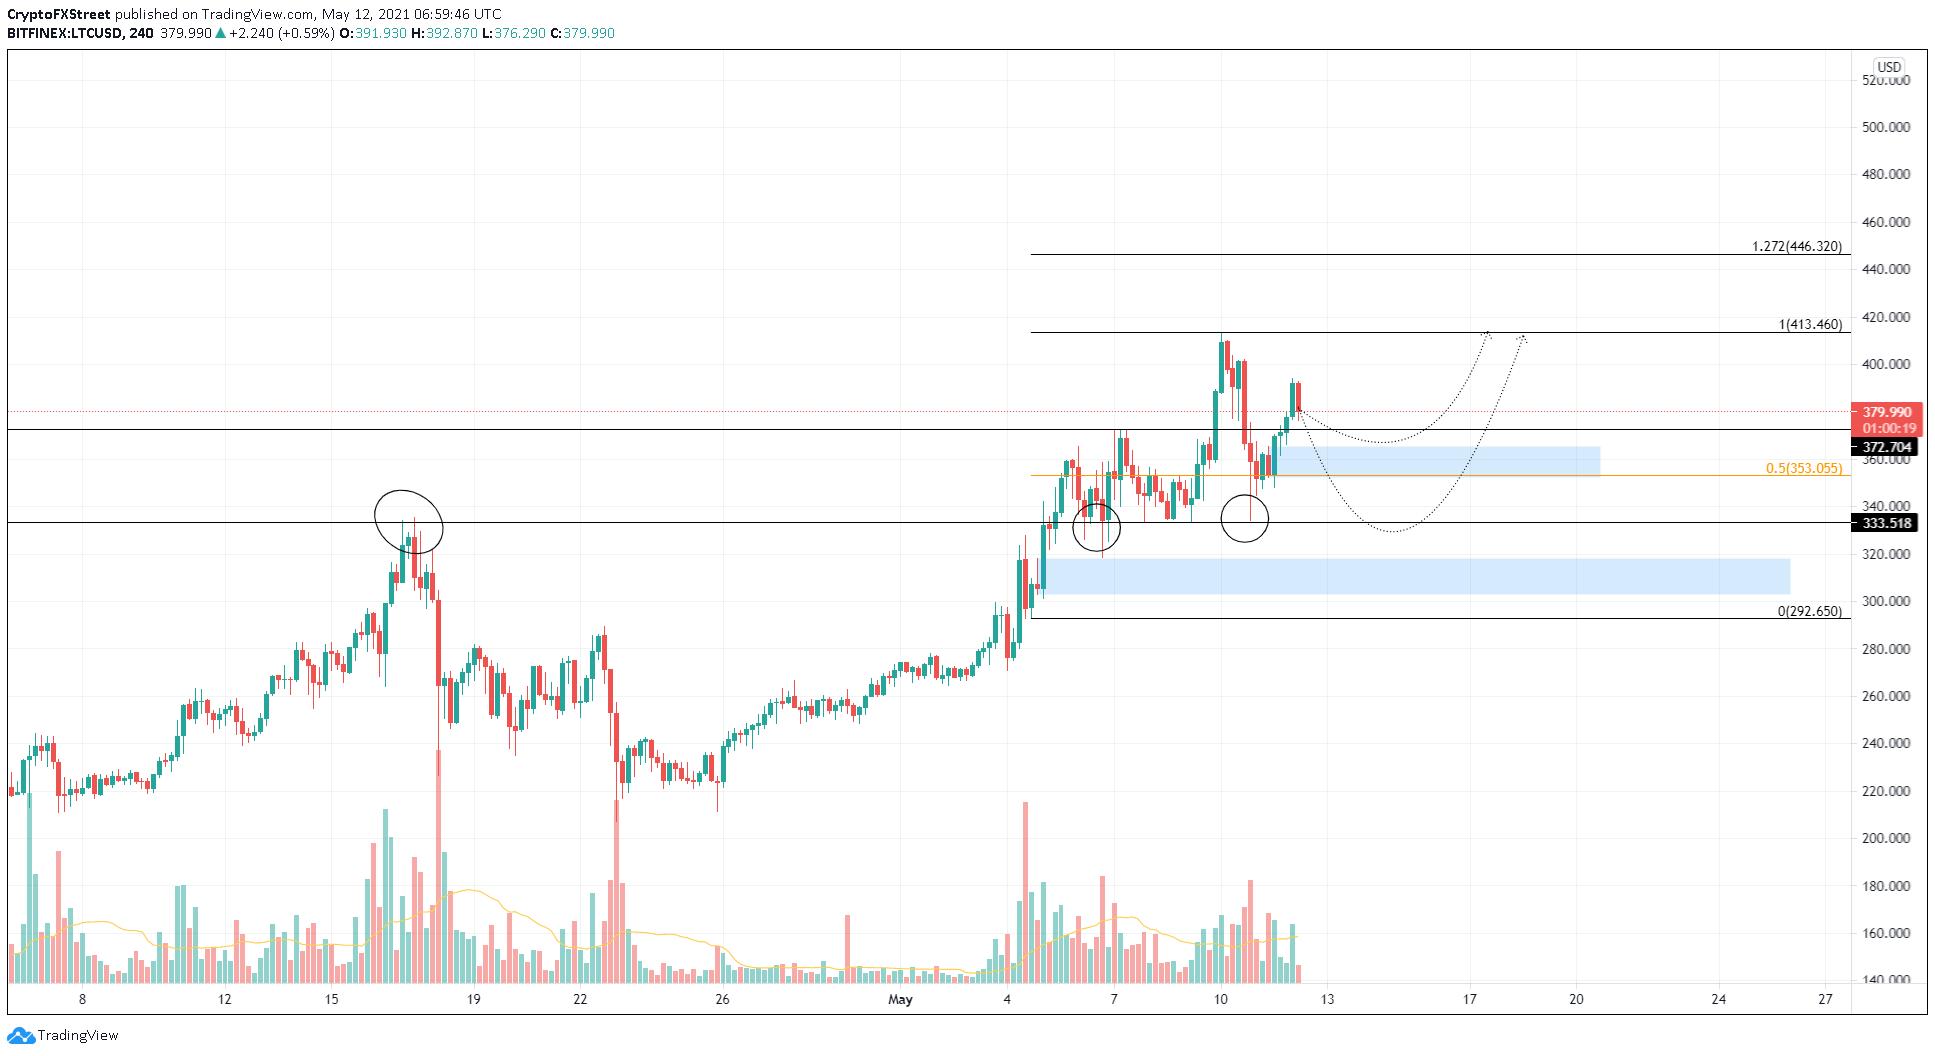 LTC/USDT 4-hour chart